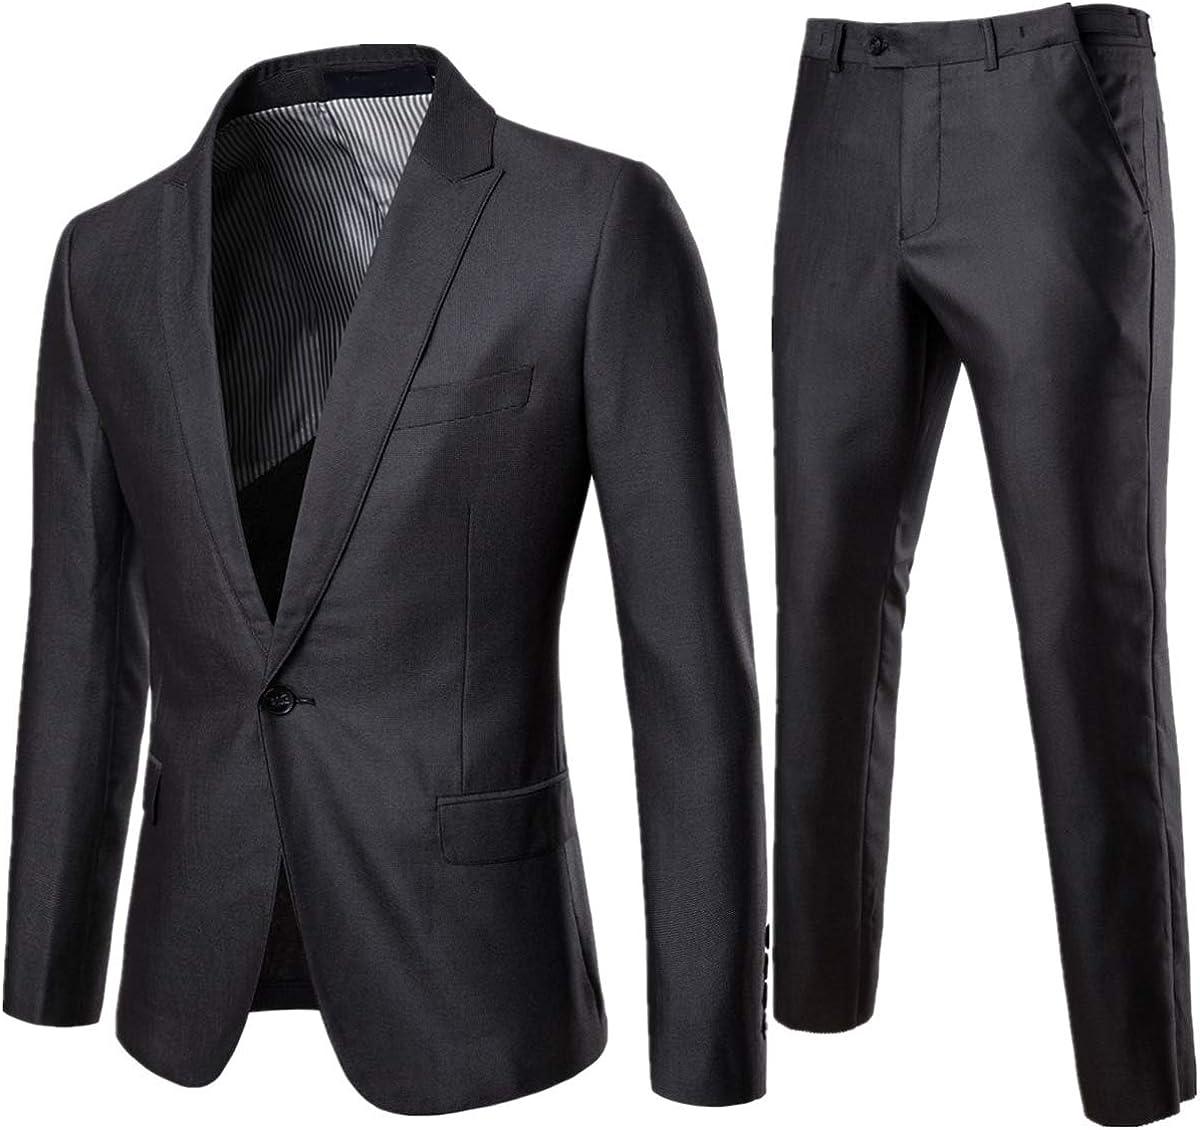 Men's 2 Piece Suit Double Button Slim Fit Lapel Elegant Pure Black Party Blazer Jacket Pants